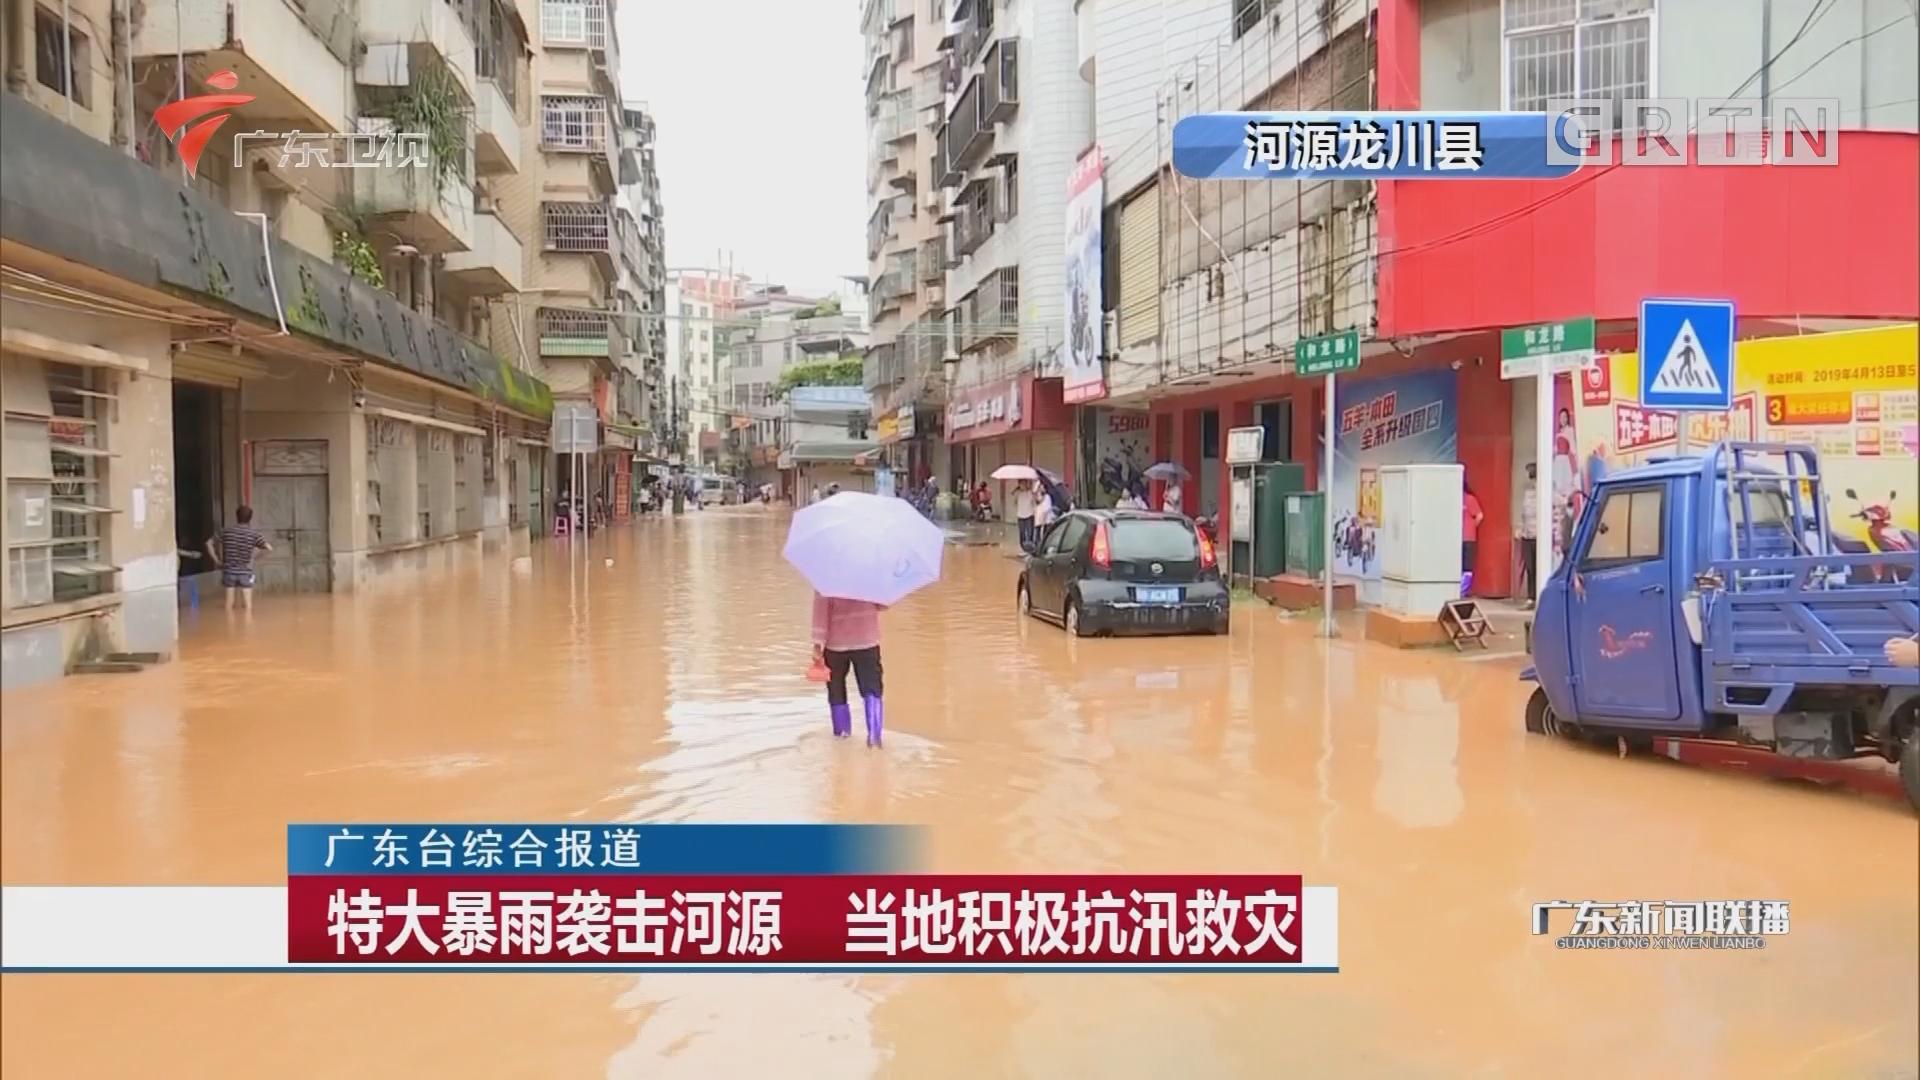 特大暴雨襲擊河源 當地積極抗汛救災